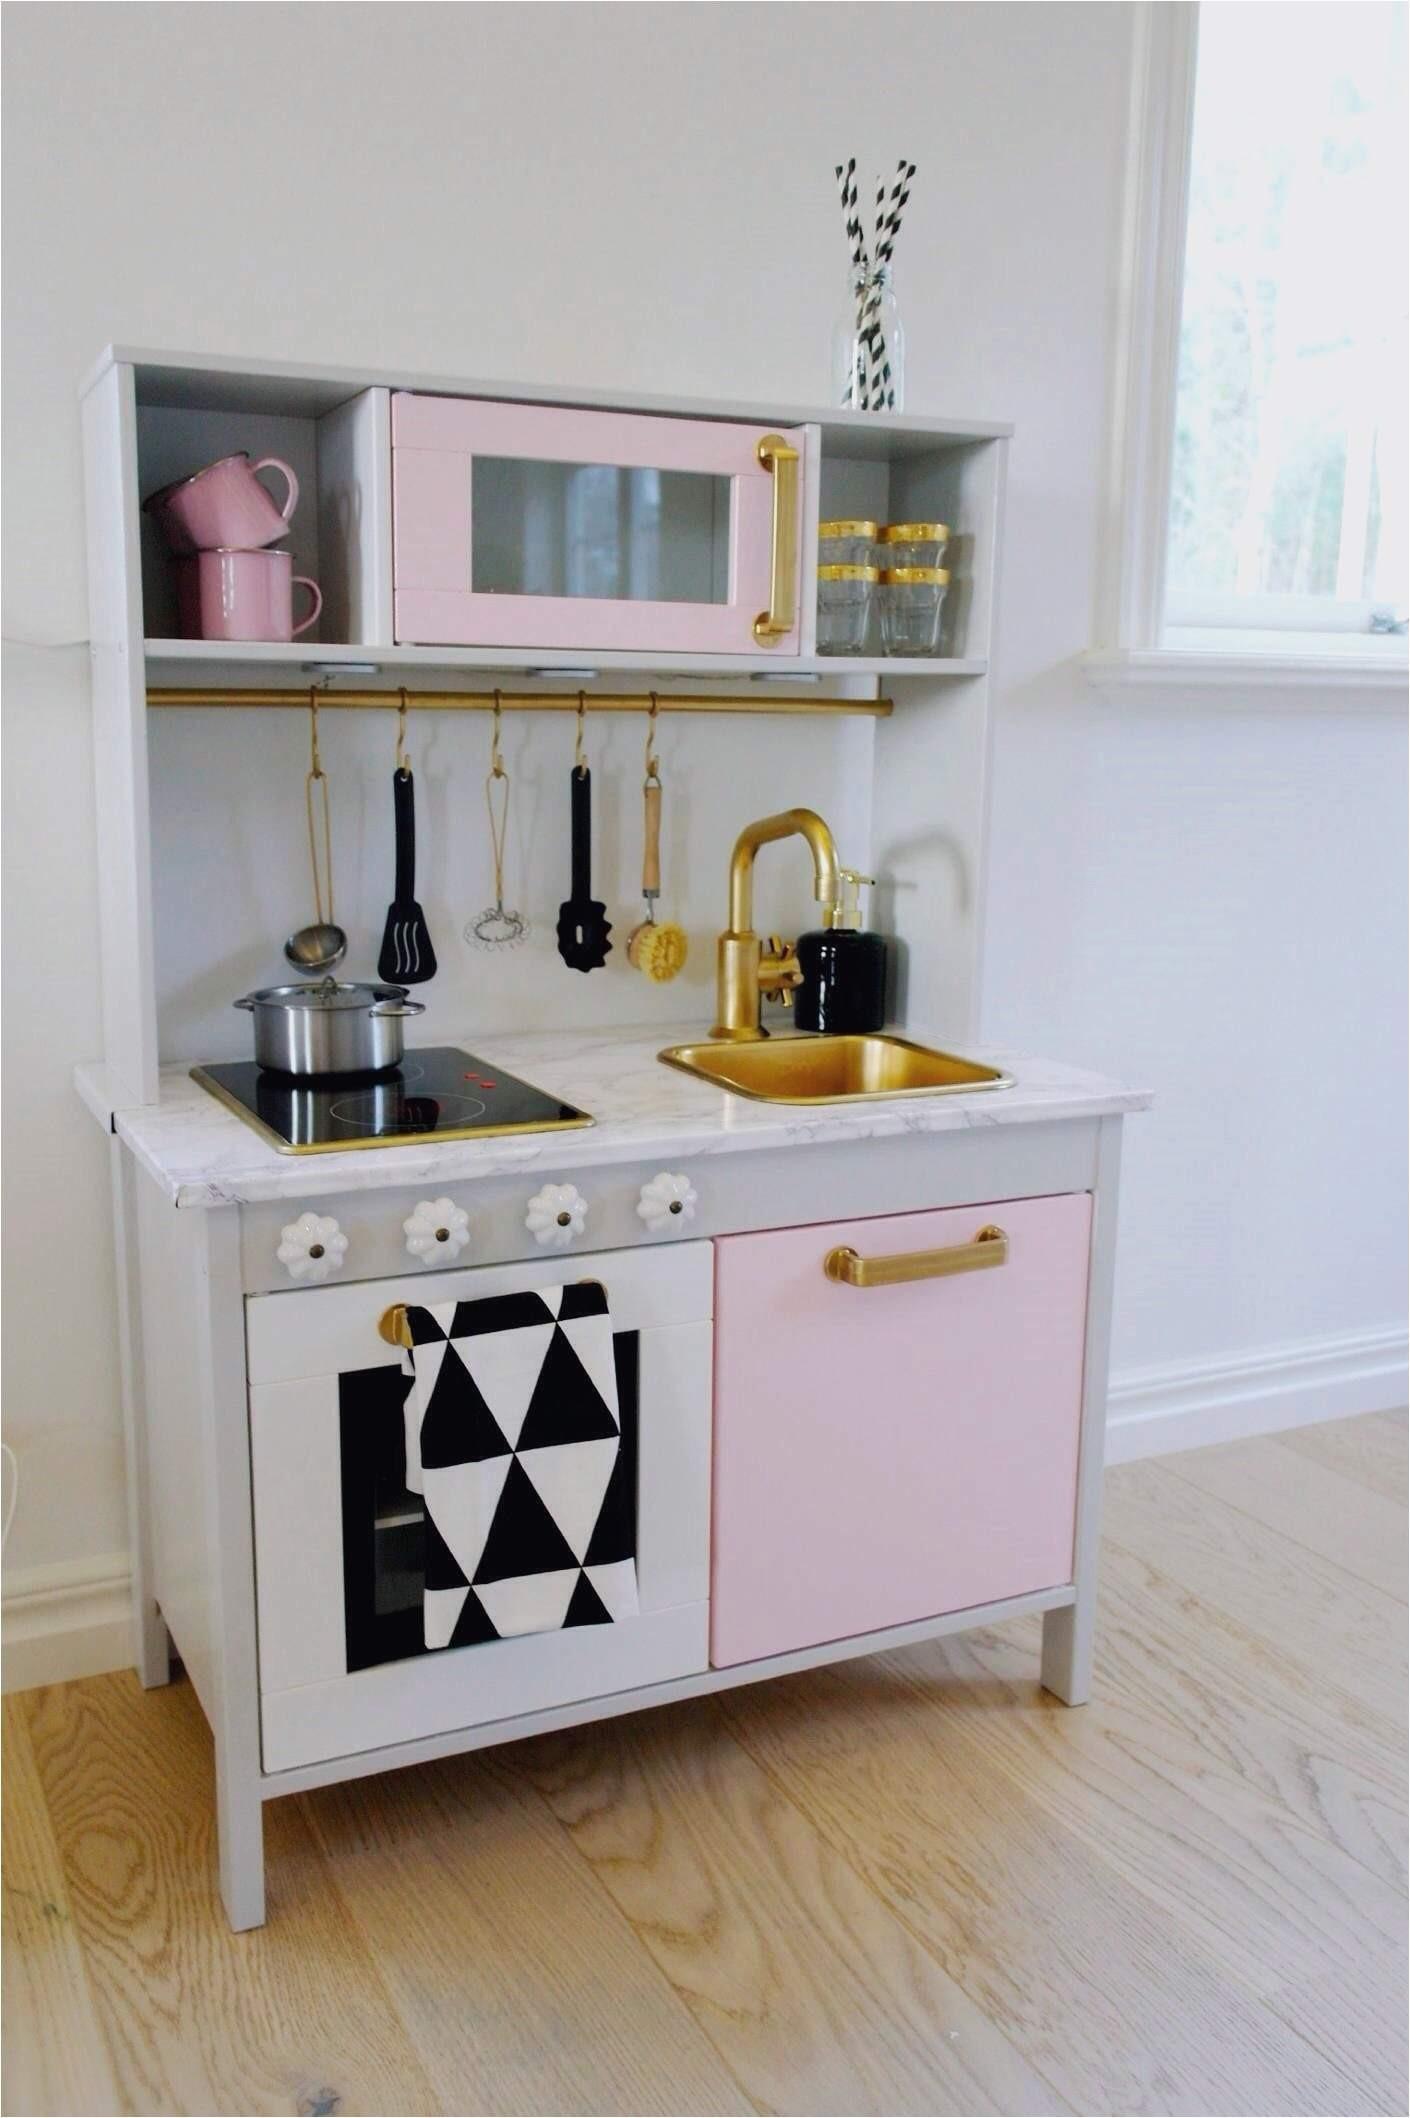 Jouet Cuisine Ikea Beau Galerie Jouet Cuisine Ikea Magnifique Fantastiqué Cuisine En Bois Enfants